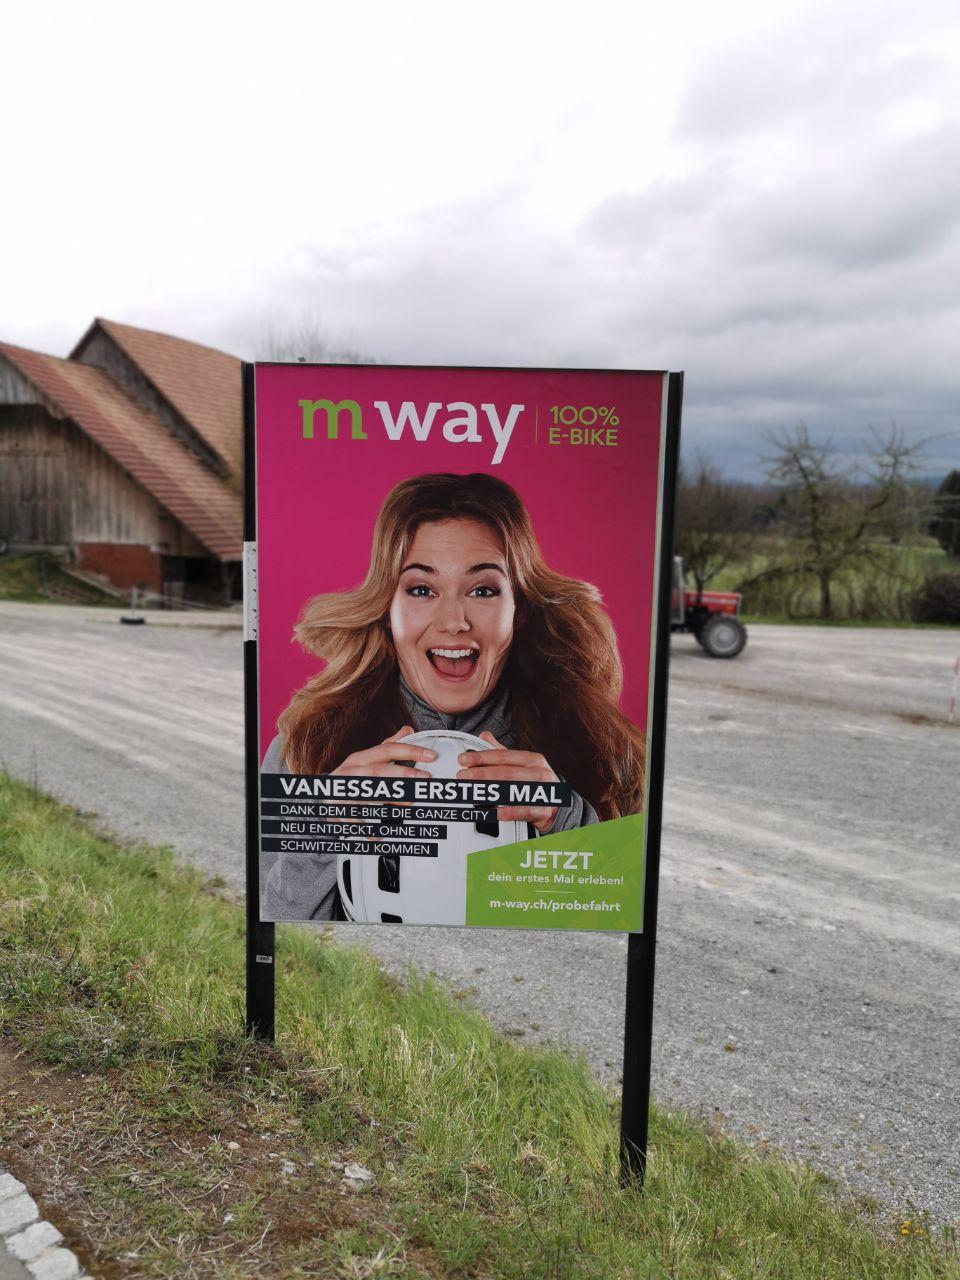 Doofe Plakatwerbung von mway